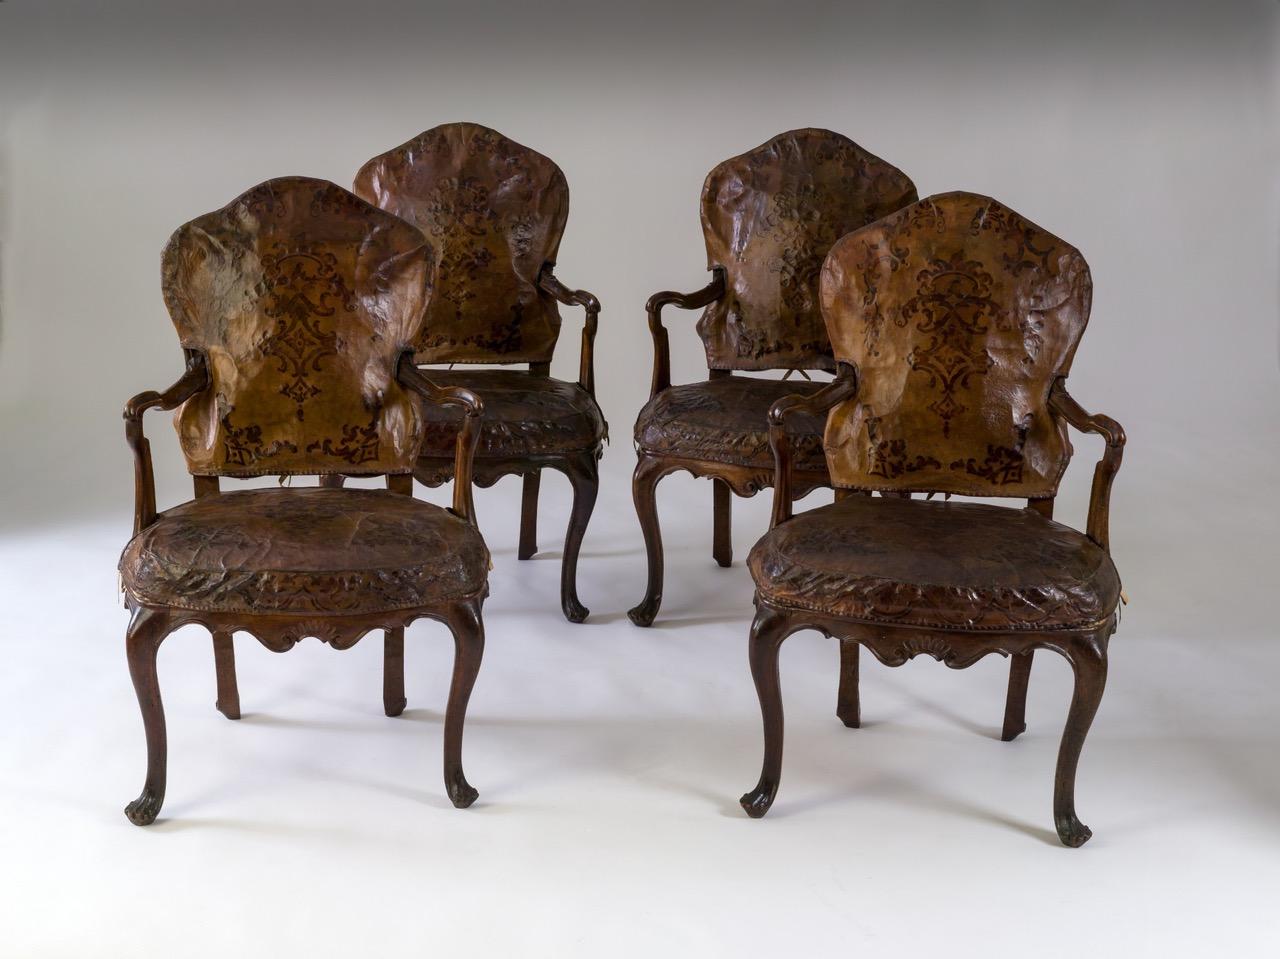 Four walnut wood armchairs